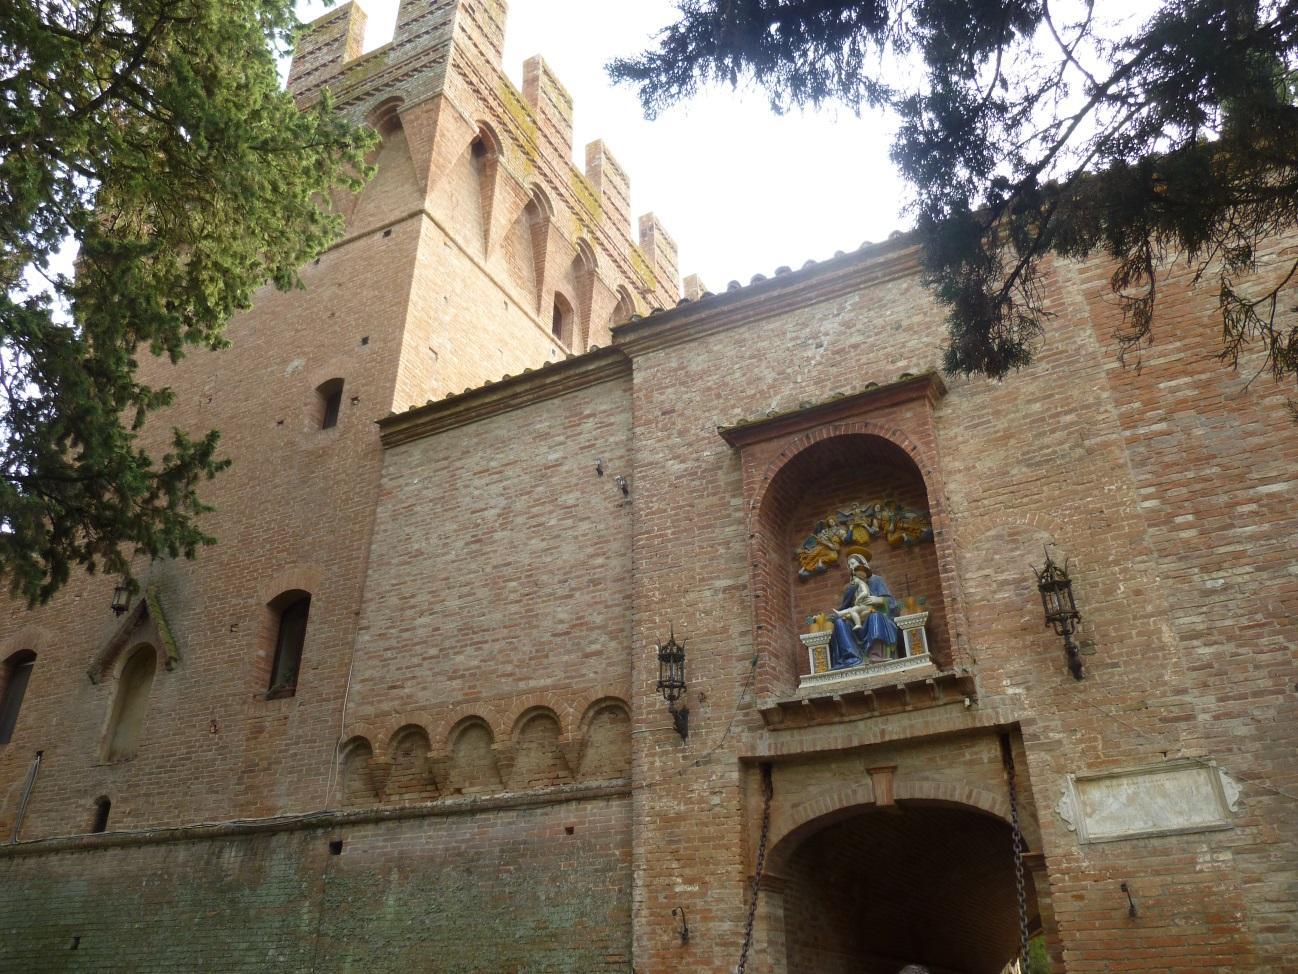 C:\Users\Gonzalo\Desktop\Documentos\Fotografías\La Toscana\103_PANA\P1030174.JPG